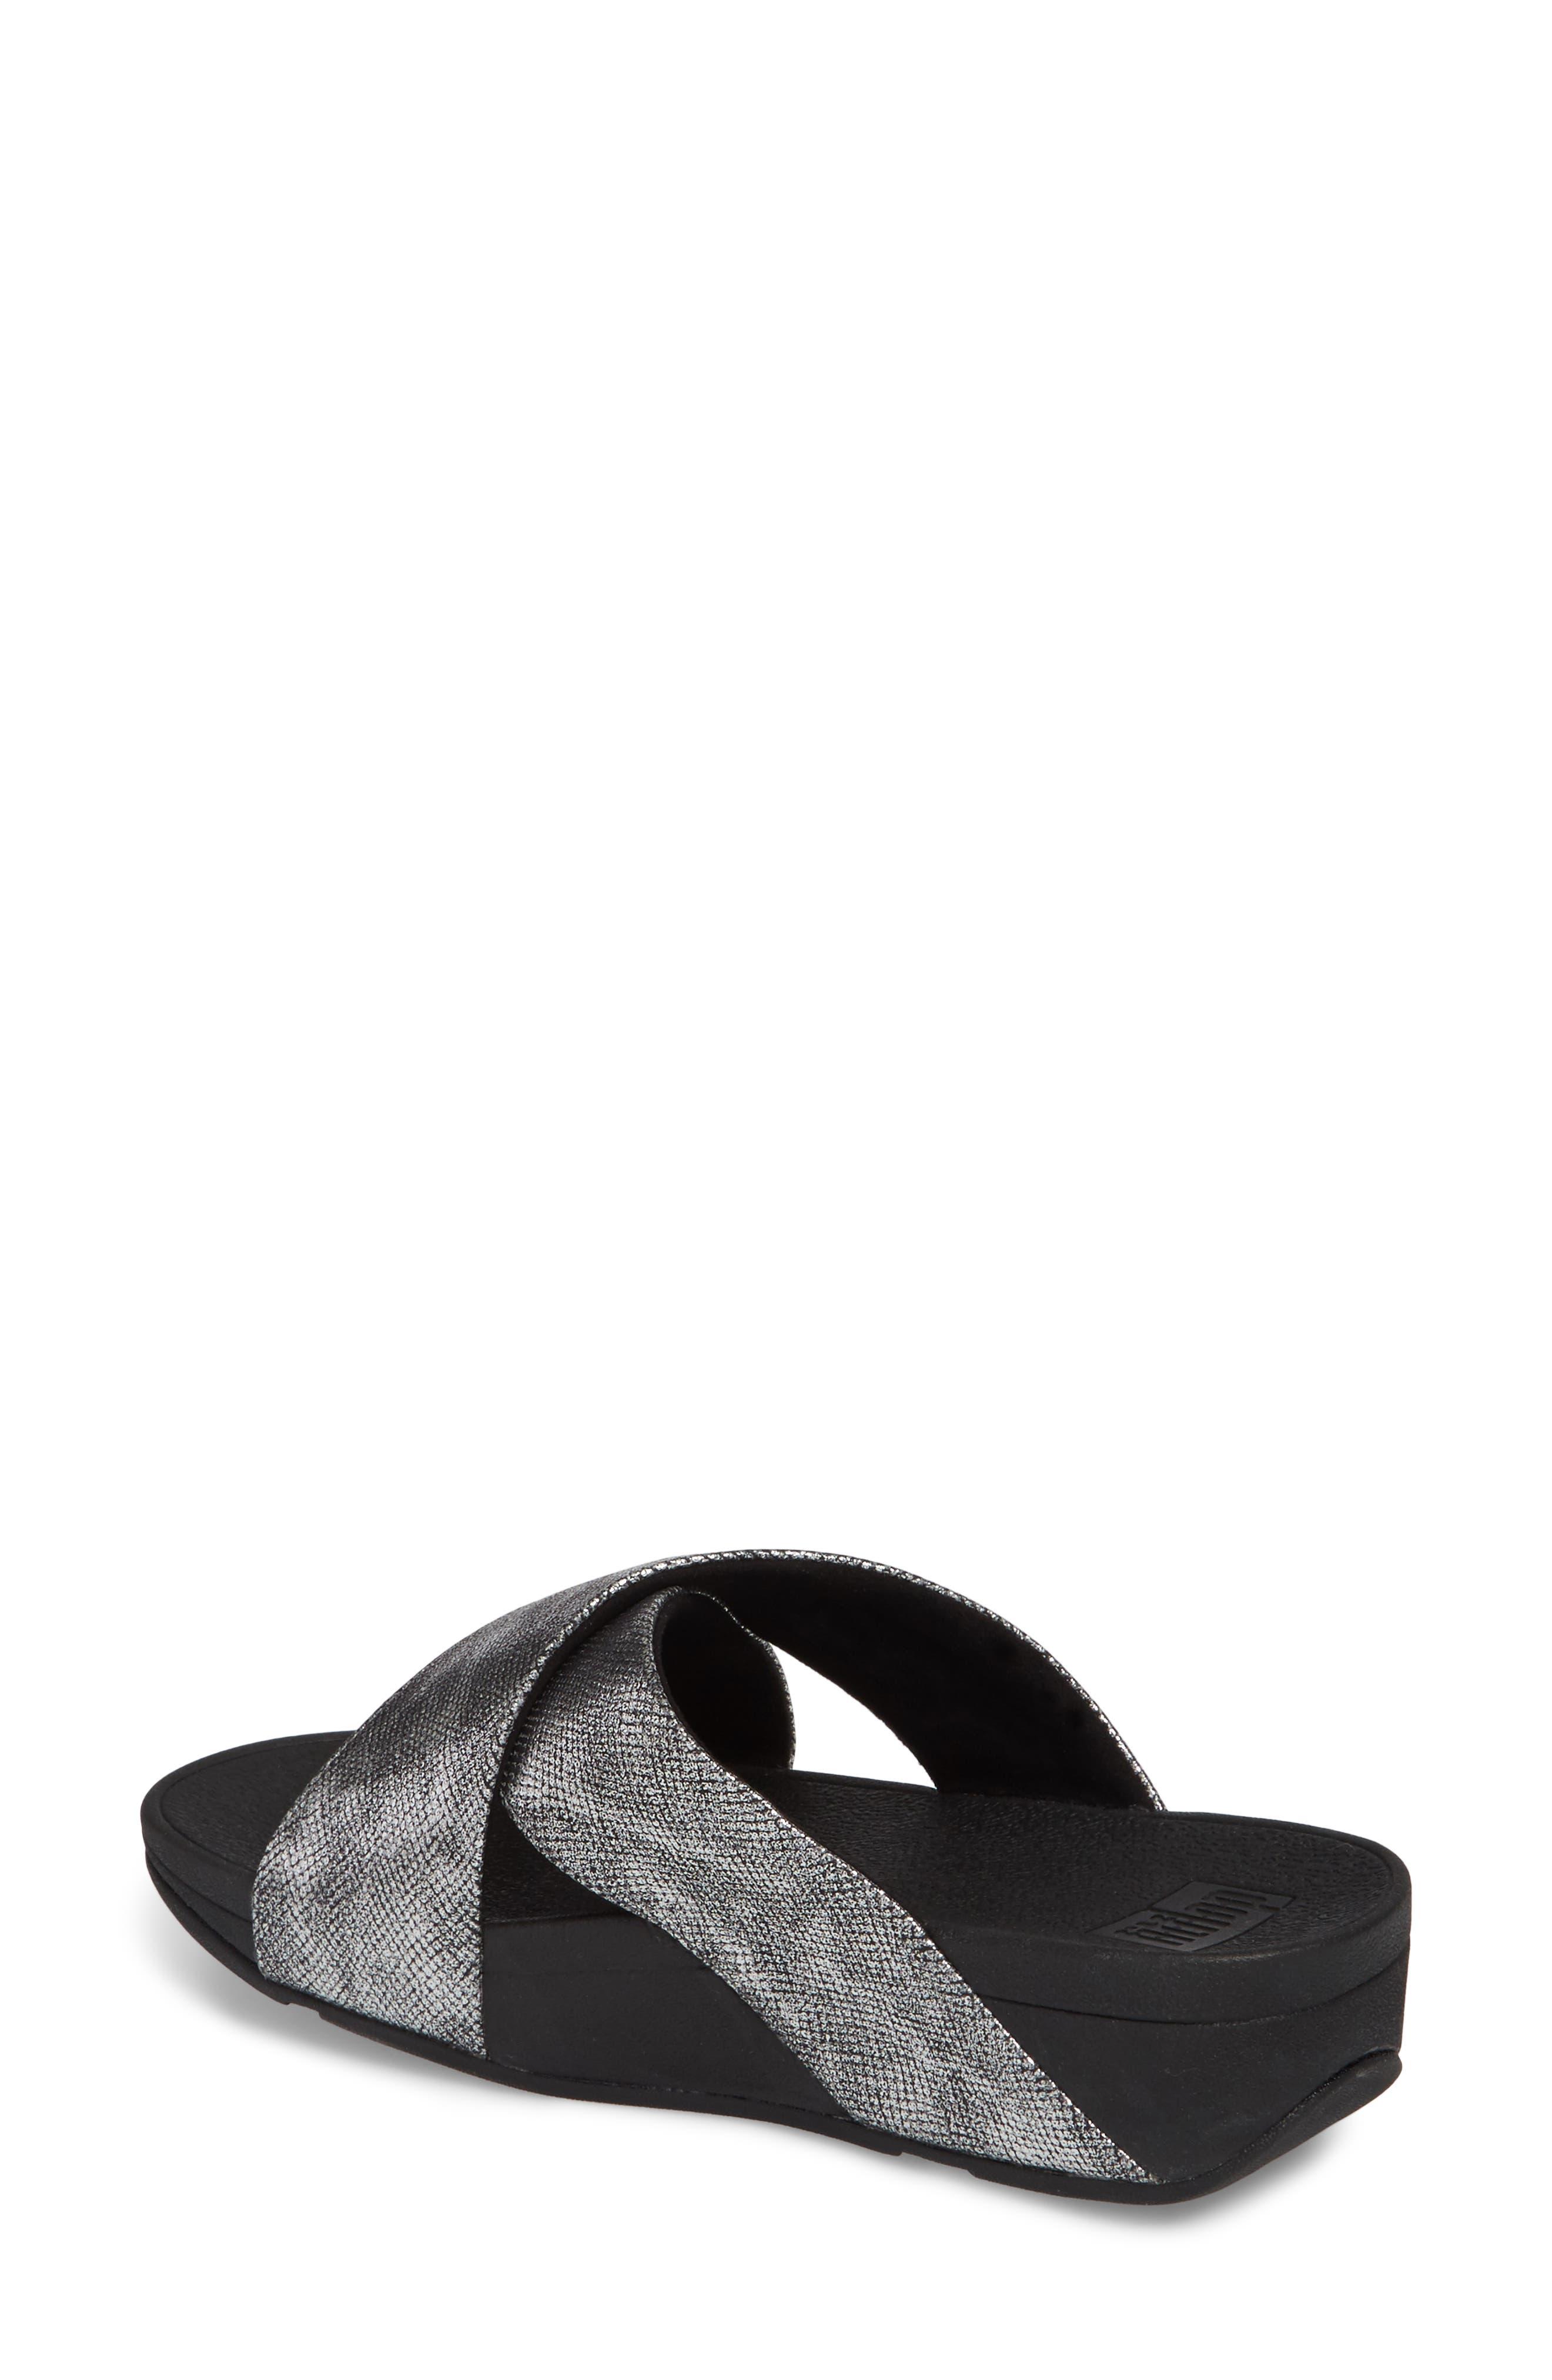 Lulu Cross Slide Sandal,                             Alternate thumbnail 2, color,                             BLACK SHIMMER PRINT